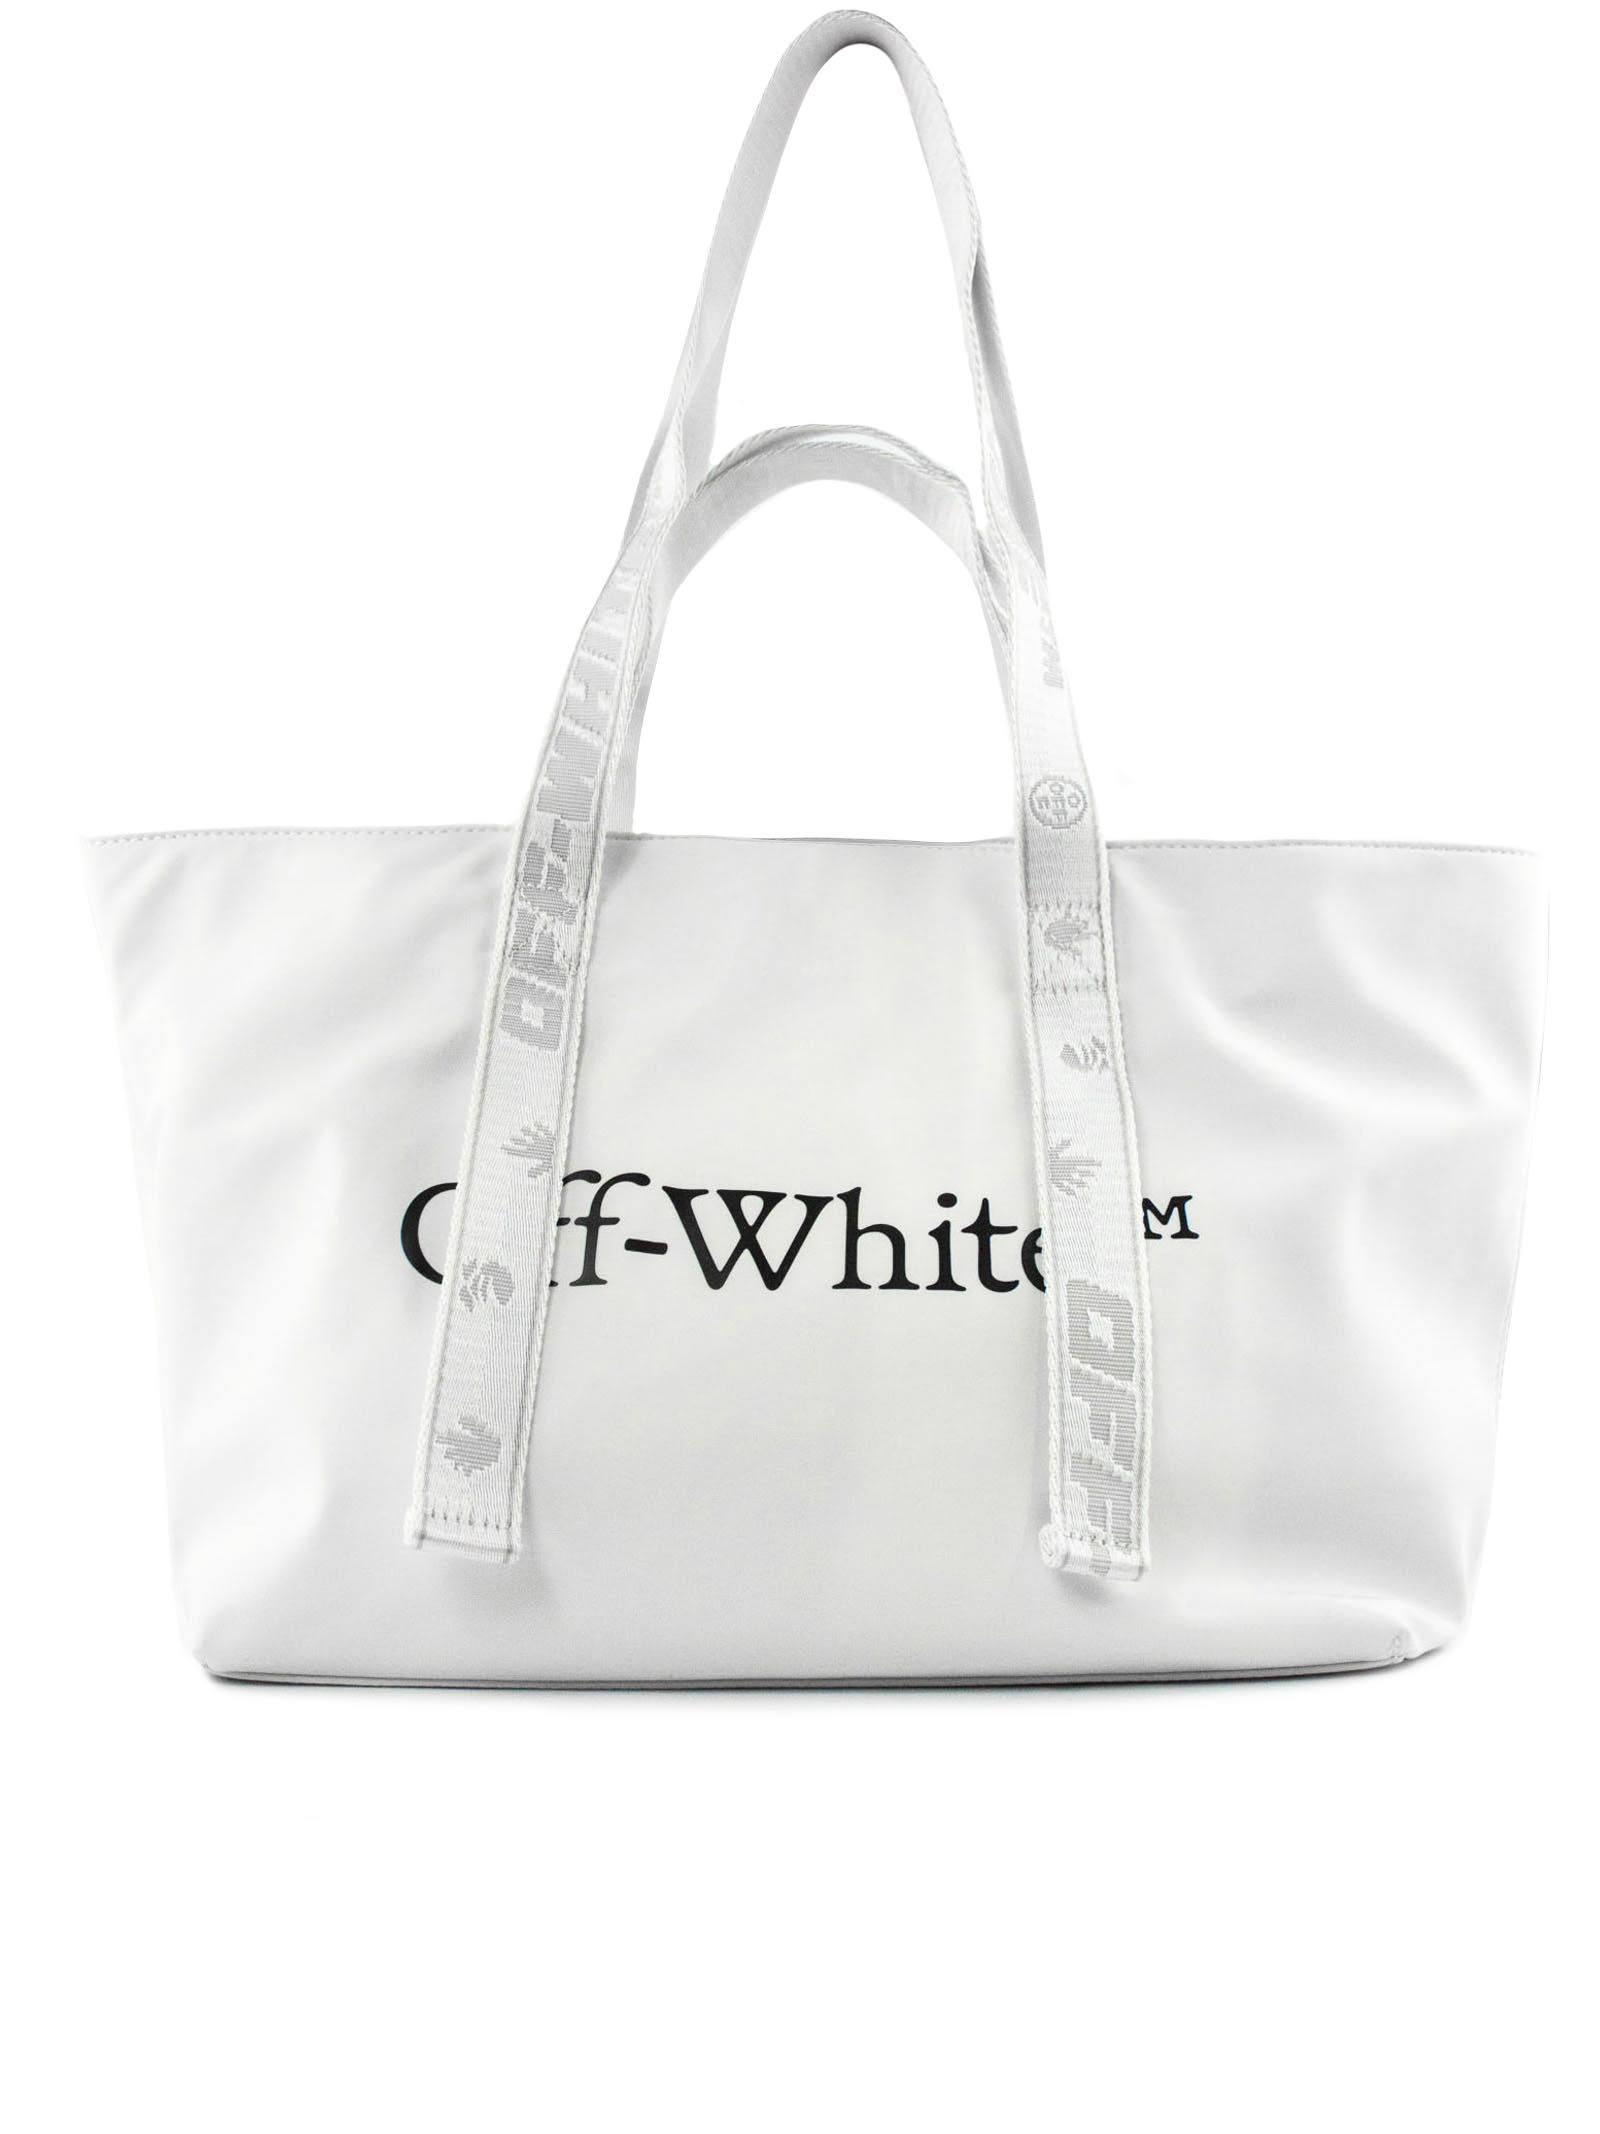 Off-White Small Commercial White Handbag